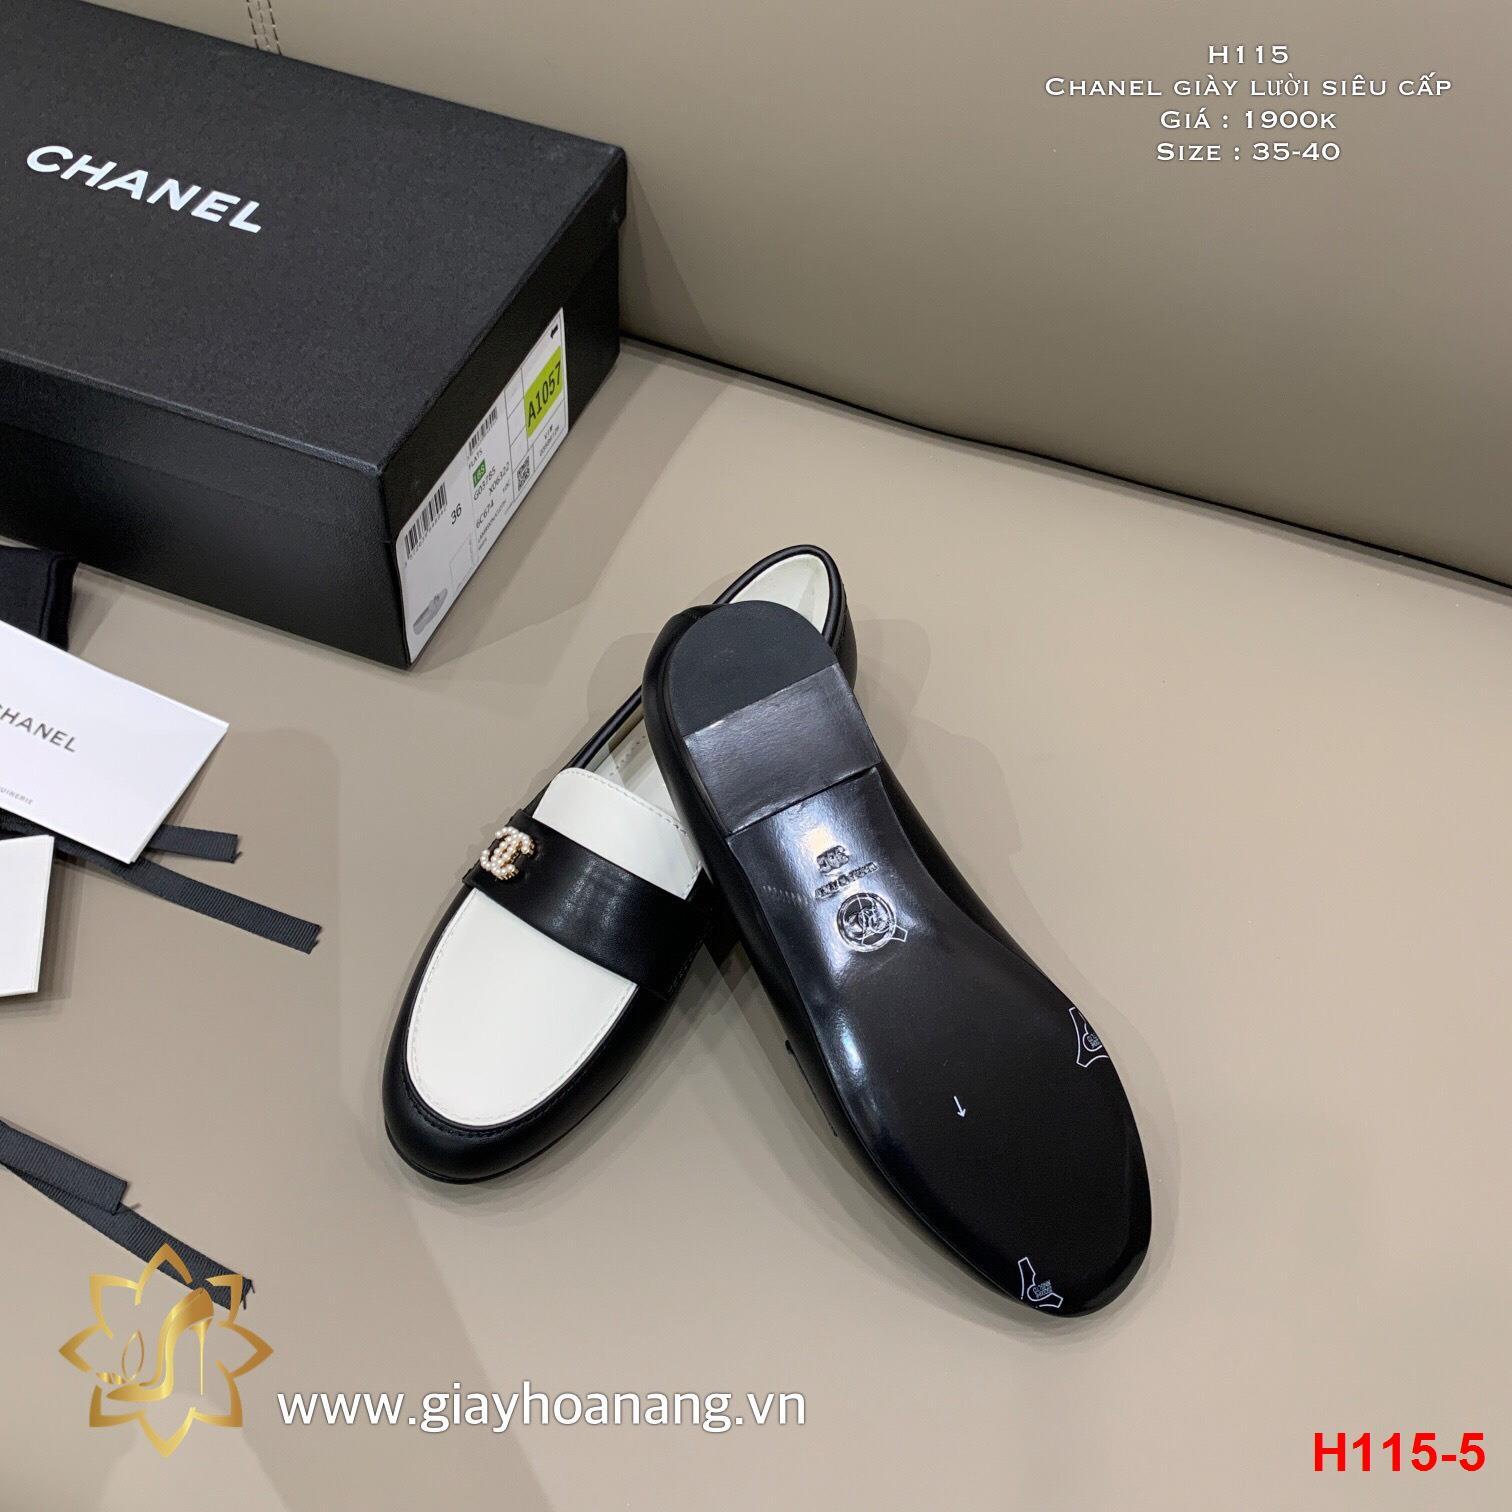 H115-5 Chanel giày lười siêu cấp